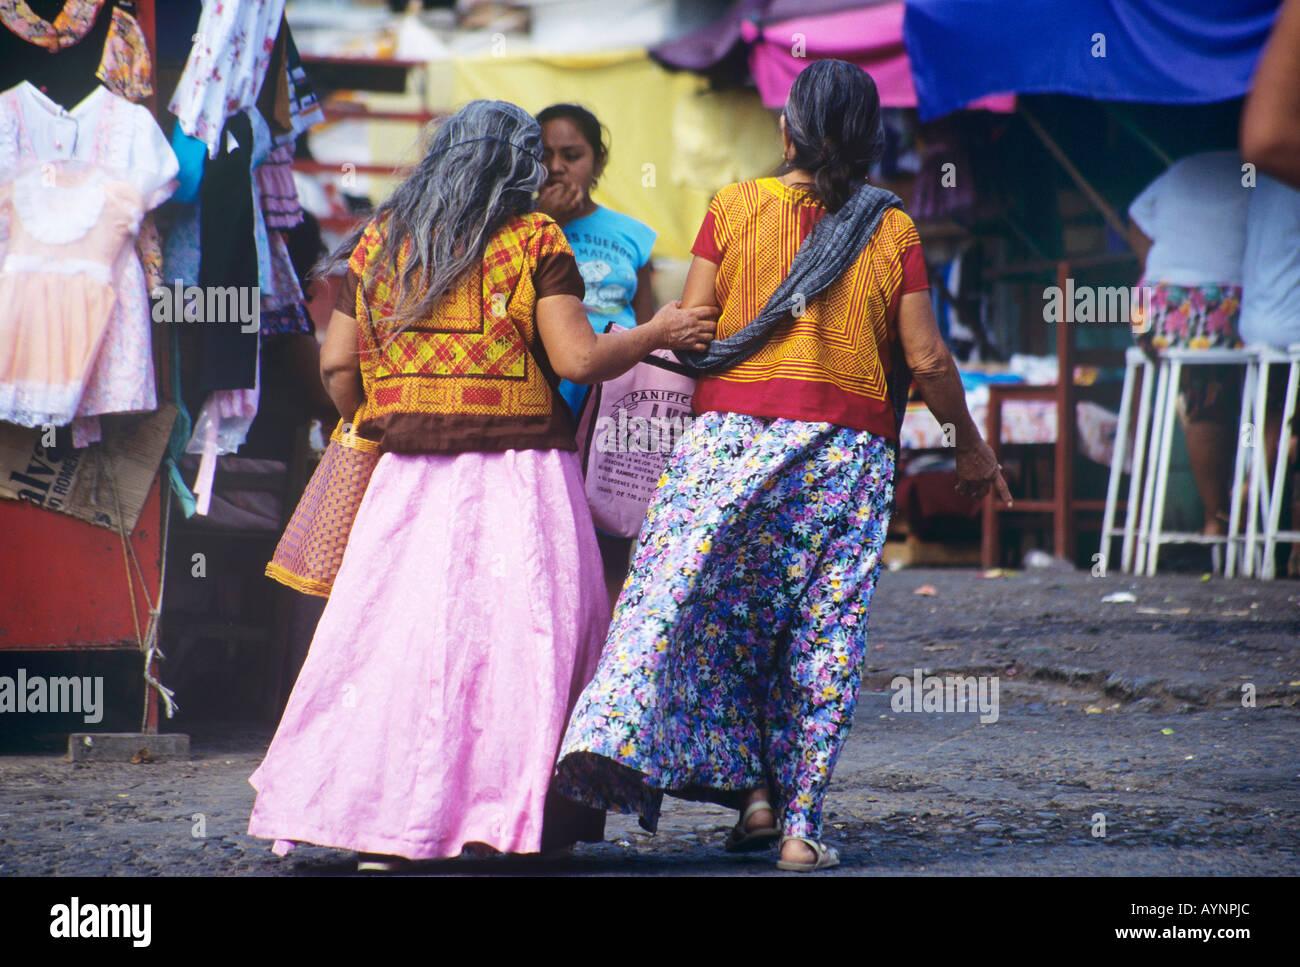 bc6b377cd Una pareja de mujeres caminando por el mercado vestidos con tradicionales  elaboradamente bordado rojo y oro